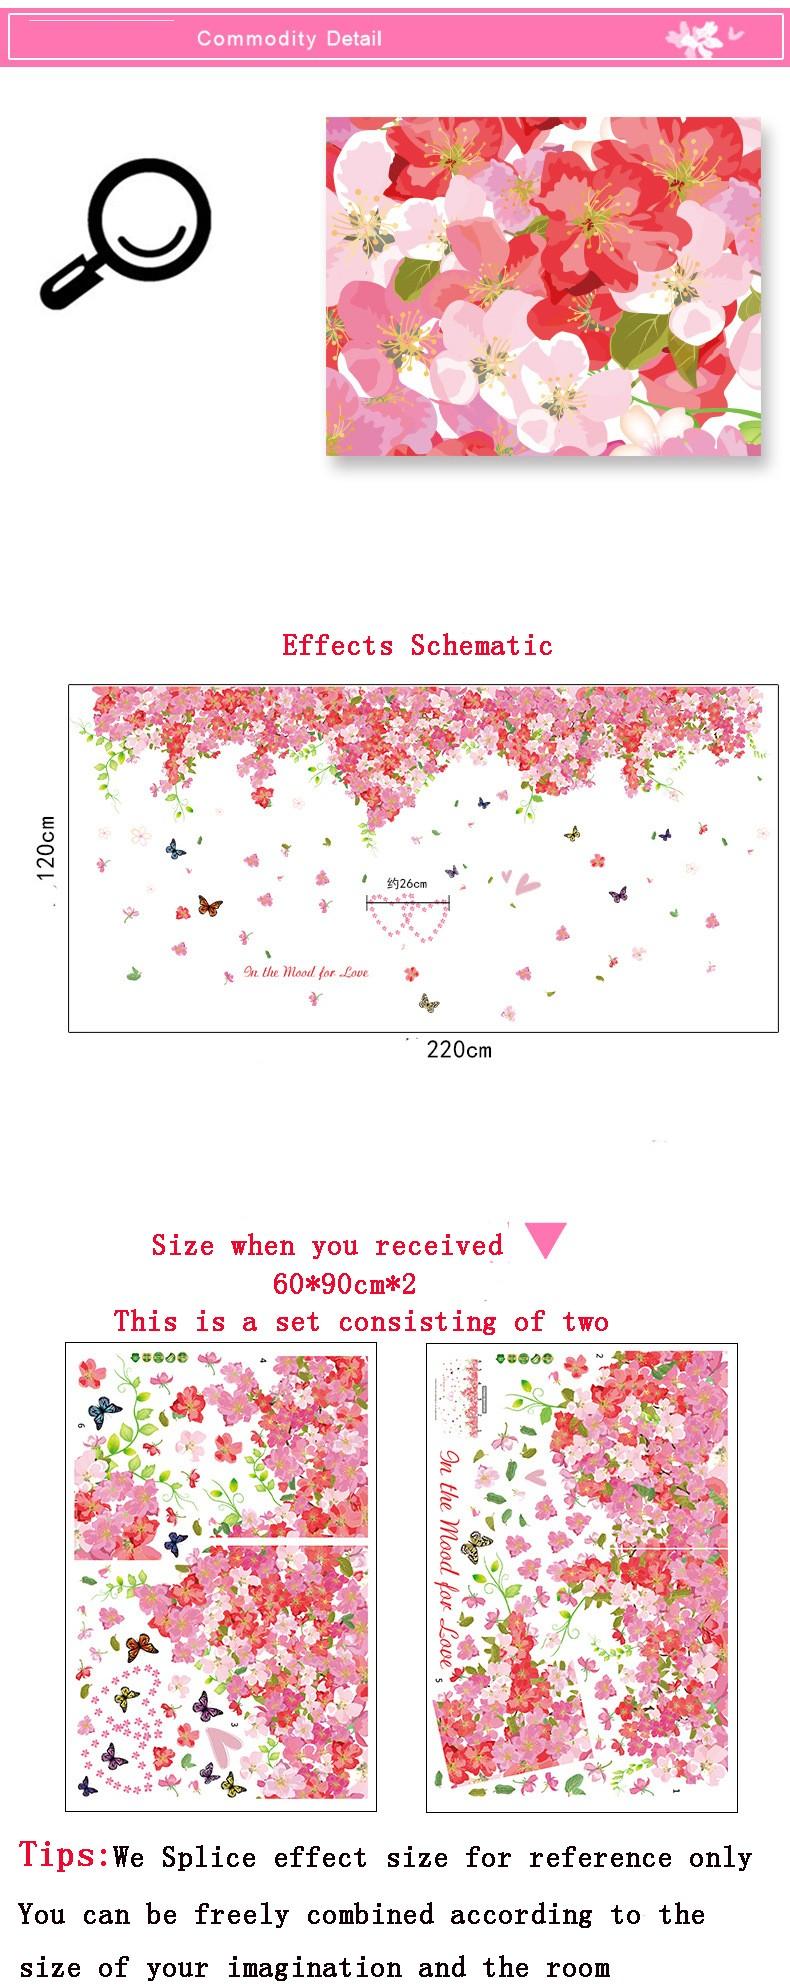 Grand 220 120 Nouveau Muraux Fleurs Stickers 2 Pcsensemble Xn8PkNw0O